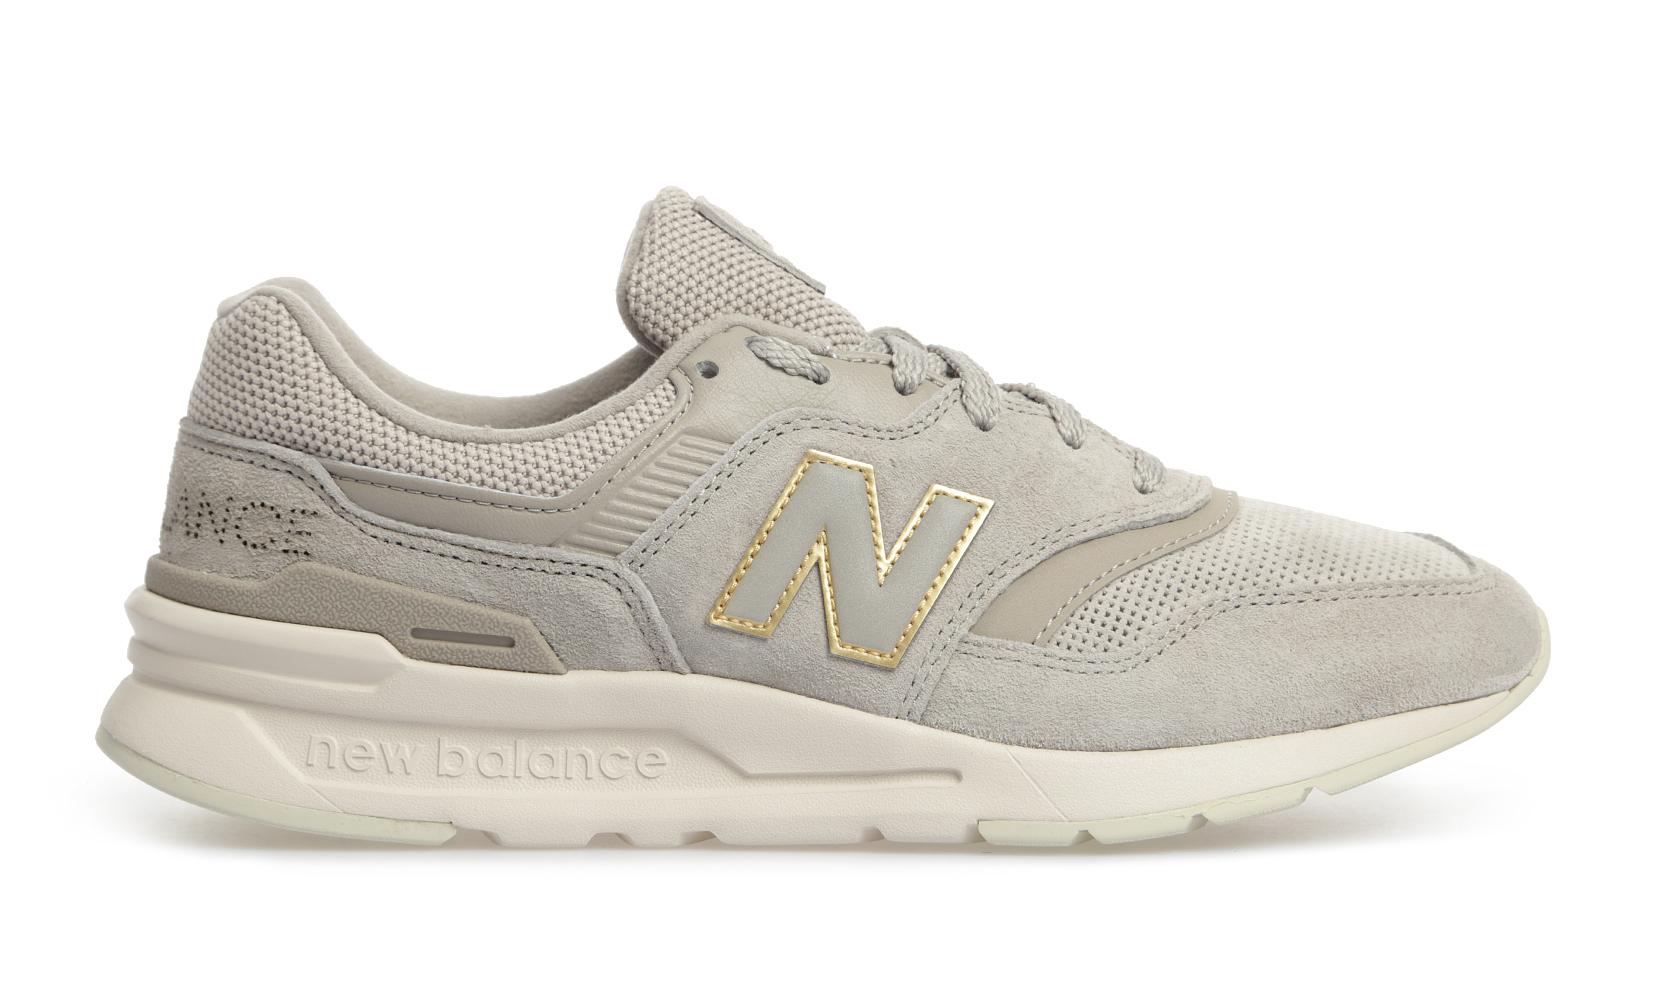 Жіноче взуття повсякденне New Balance 997Н CW997HCL | New Balance